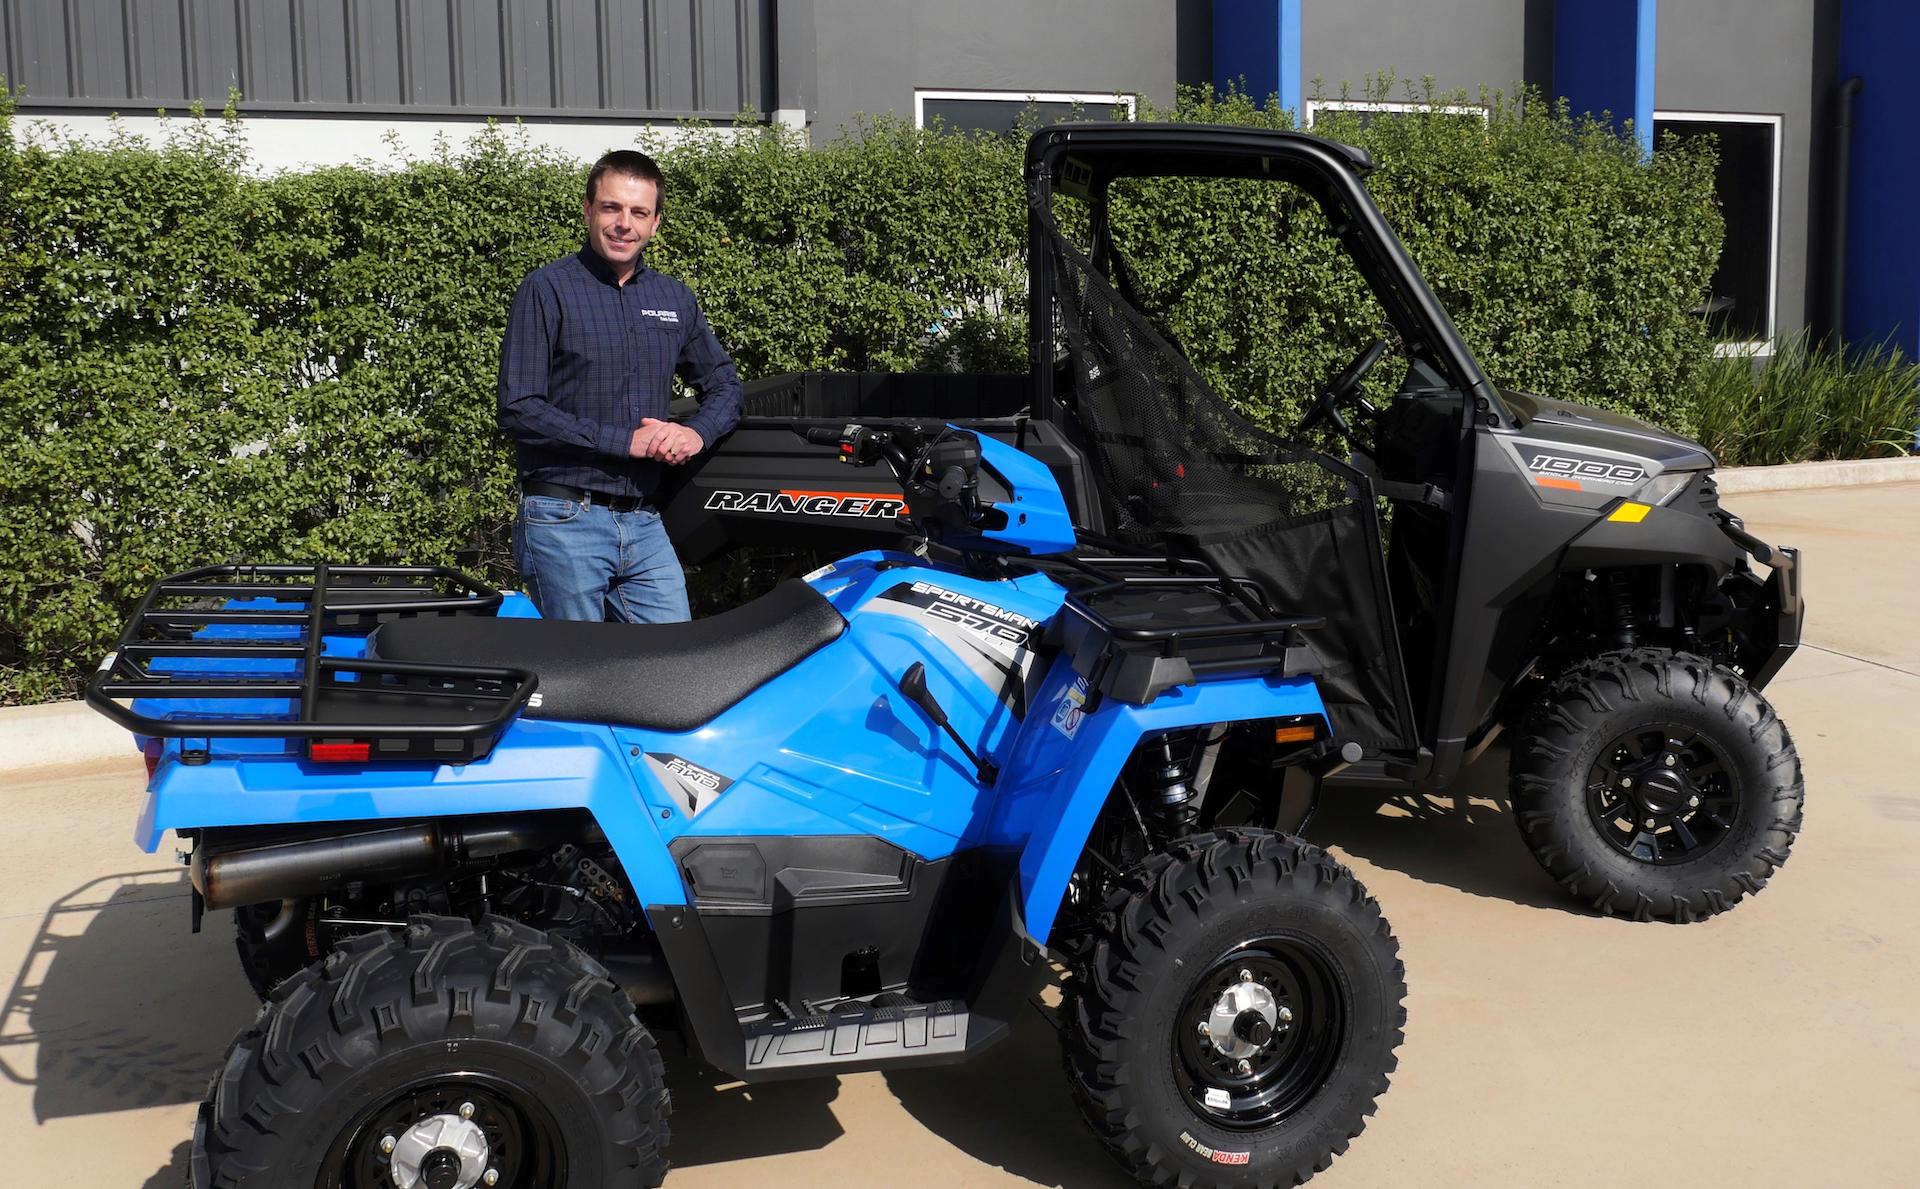 Polaris to quit ATV sales in Australia by October